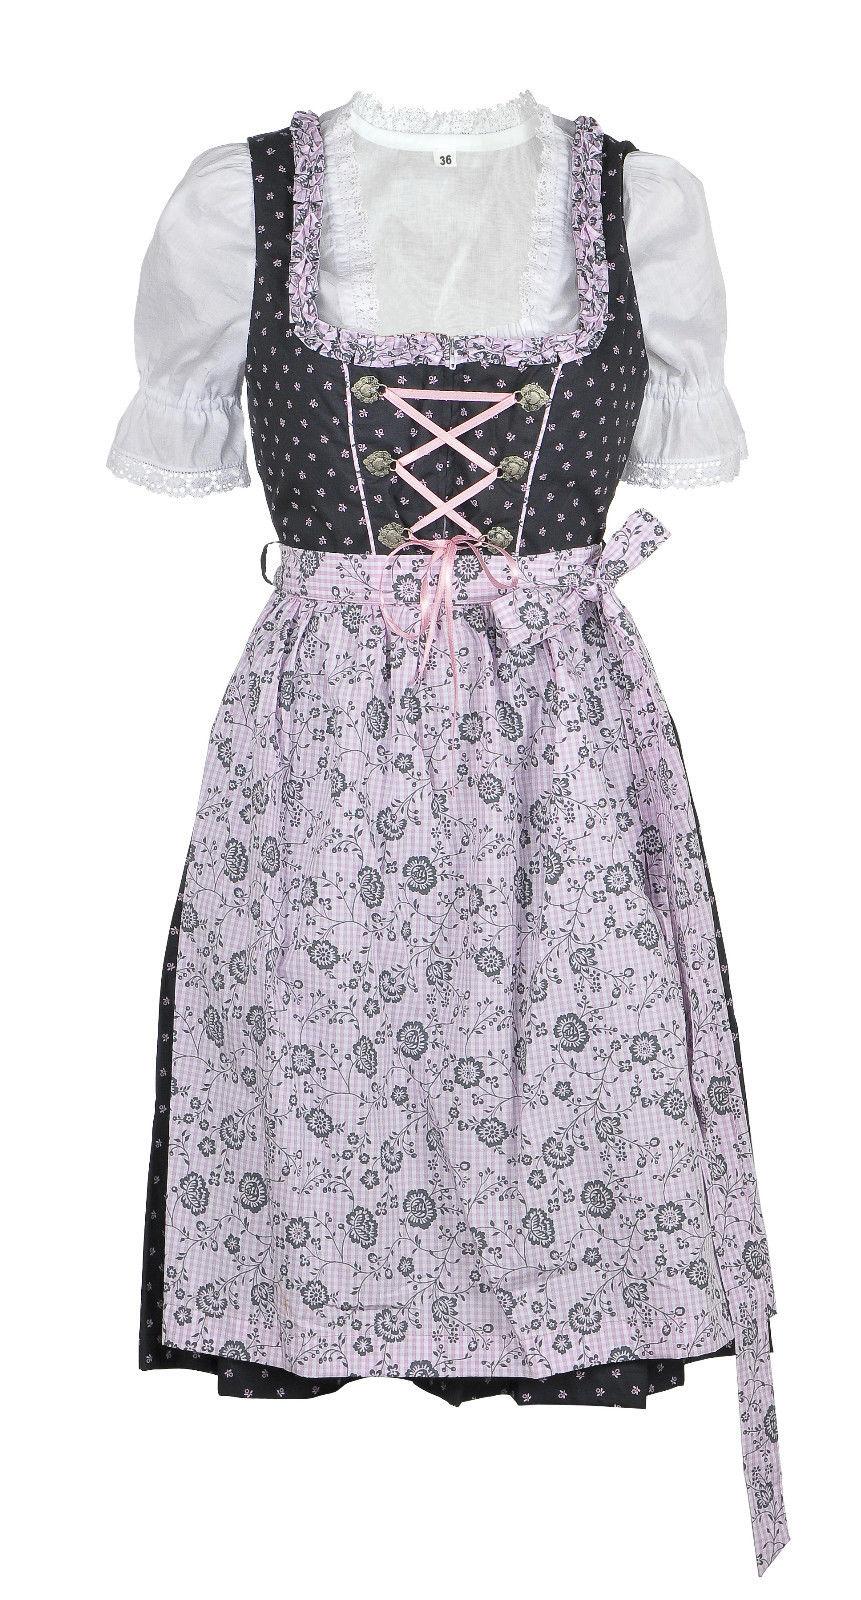 31248a267128c4 Dirndl midi 60 cm Schöngeising dunkelgrau grau rosa Trachtenset 3-tlg.   Dirndl  midi von 60 – 70 cm   Damen   Trachtenoutlet-xxl.de